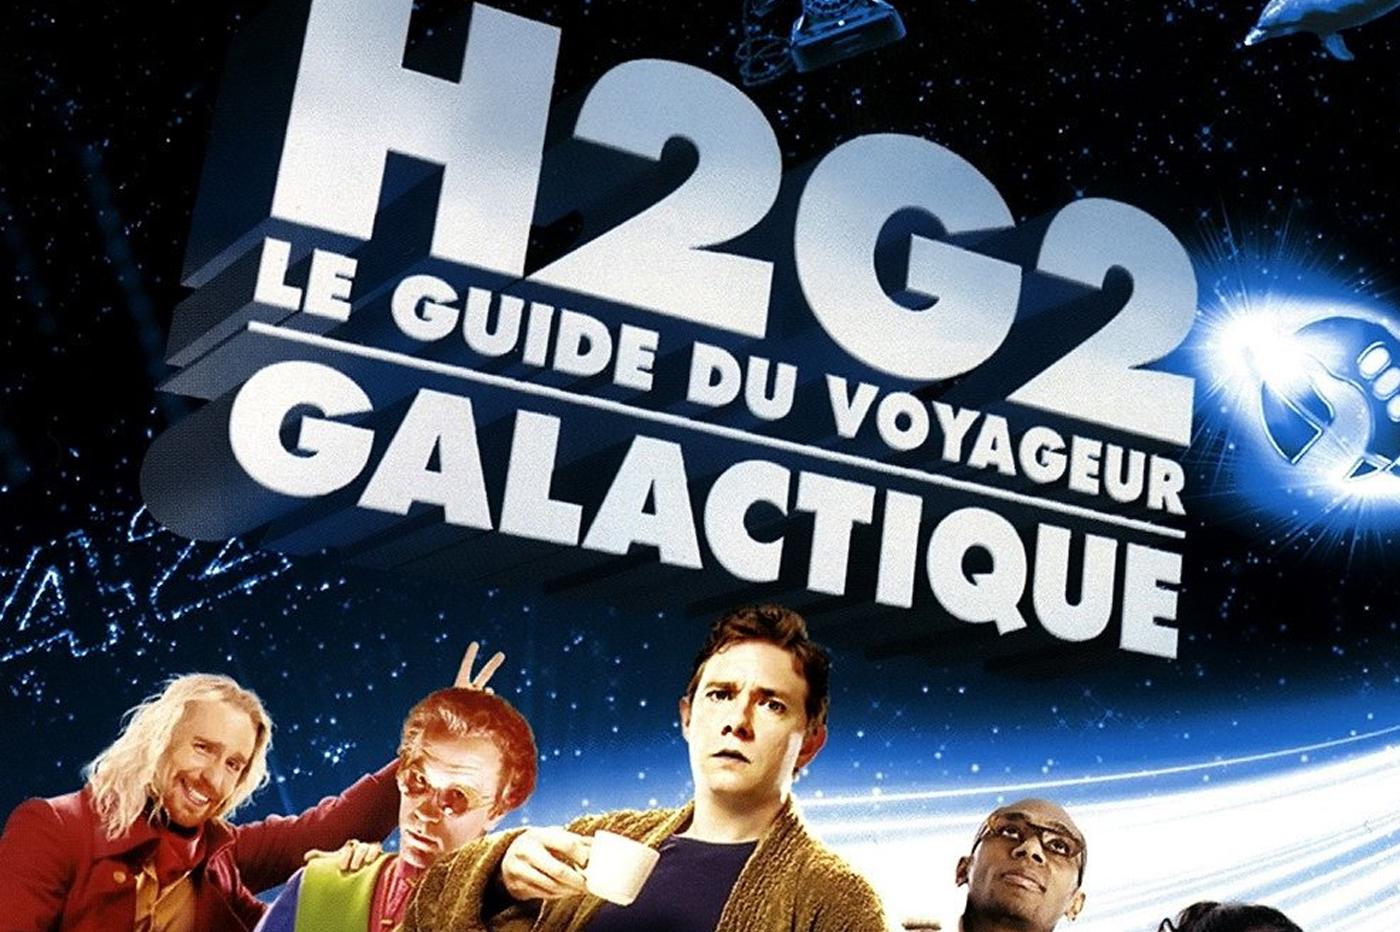 H2G2 Guide Voyageur Galactique Série